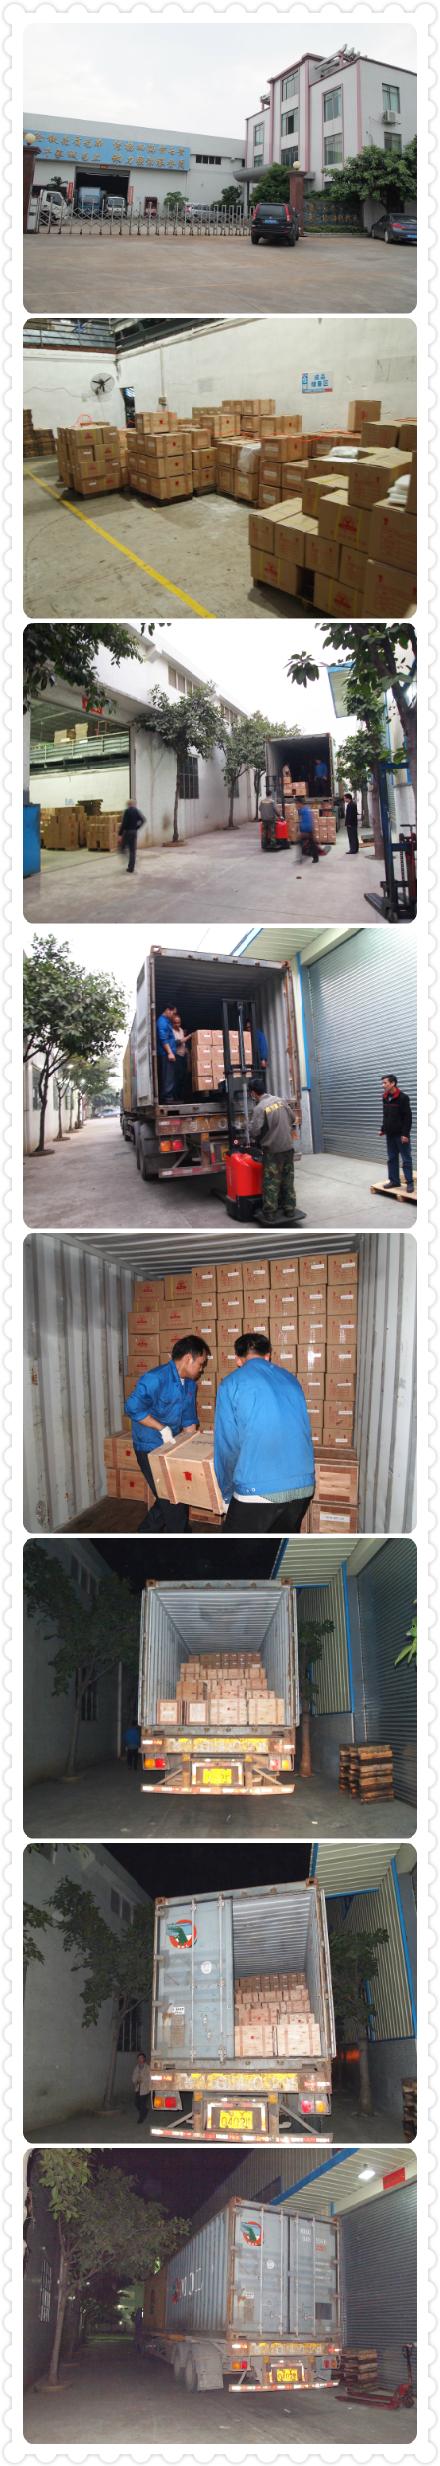 Yingyi Transmission loading container